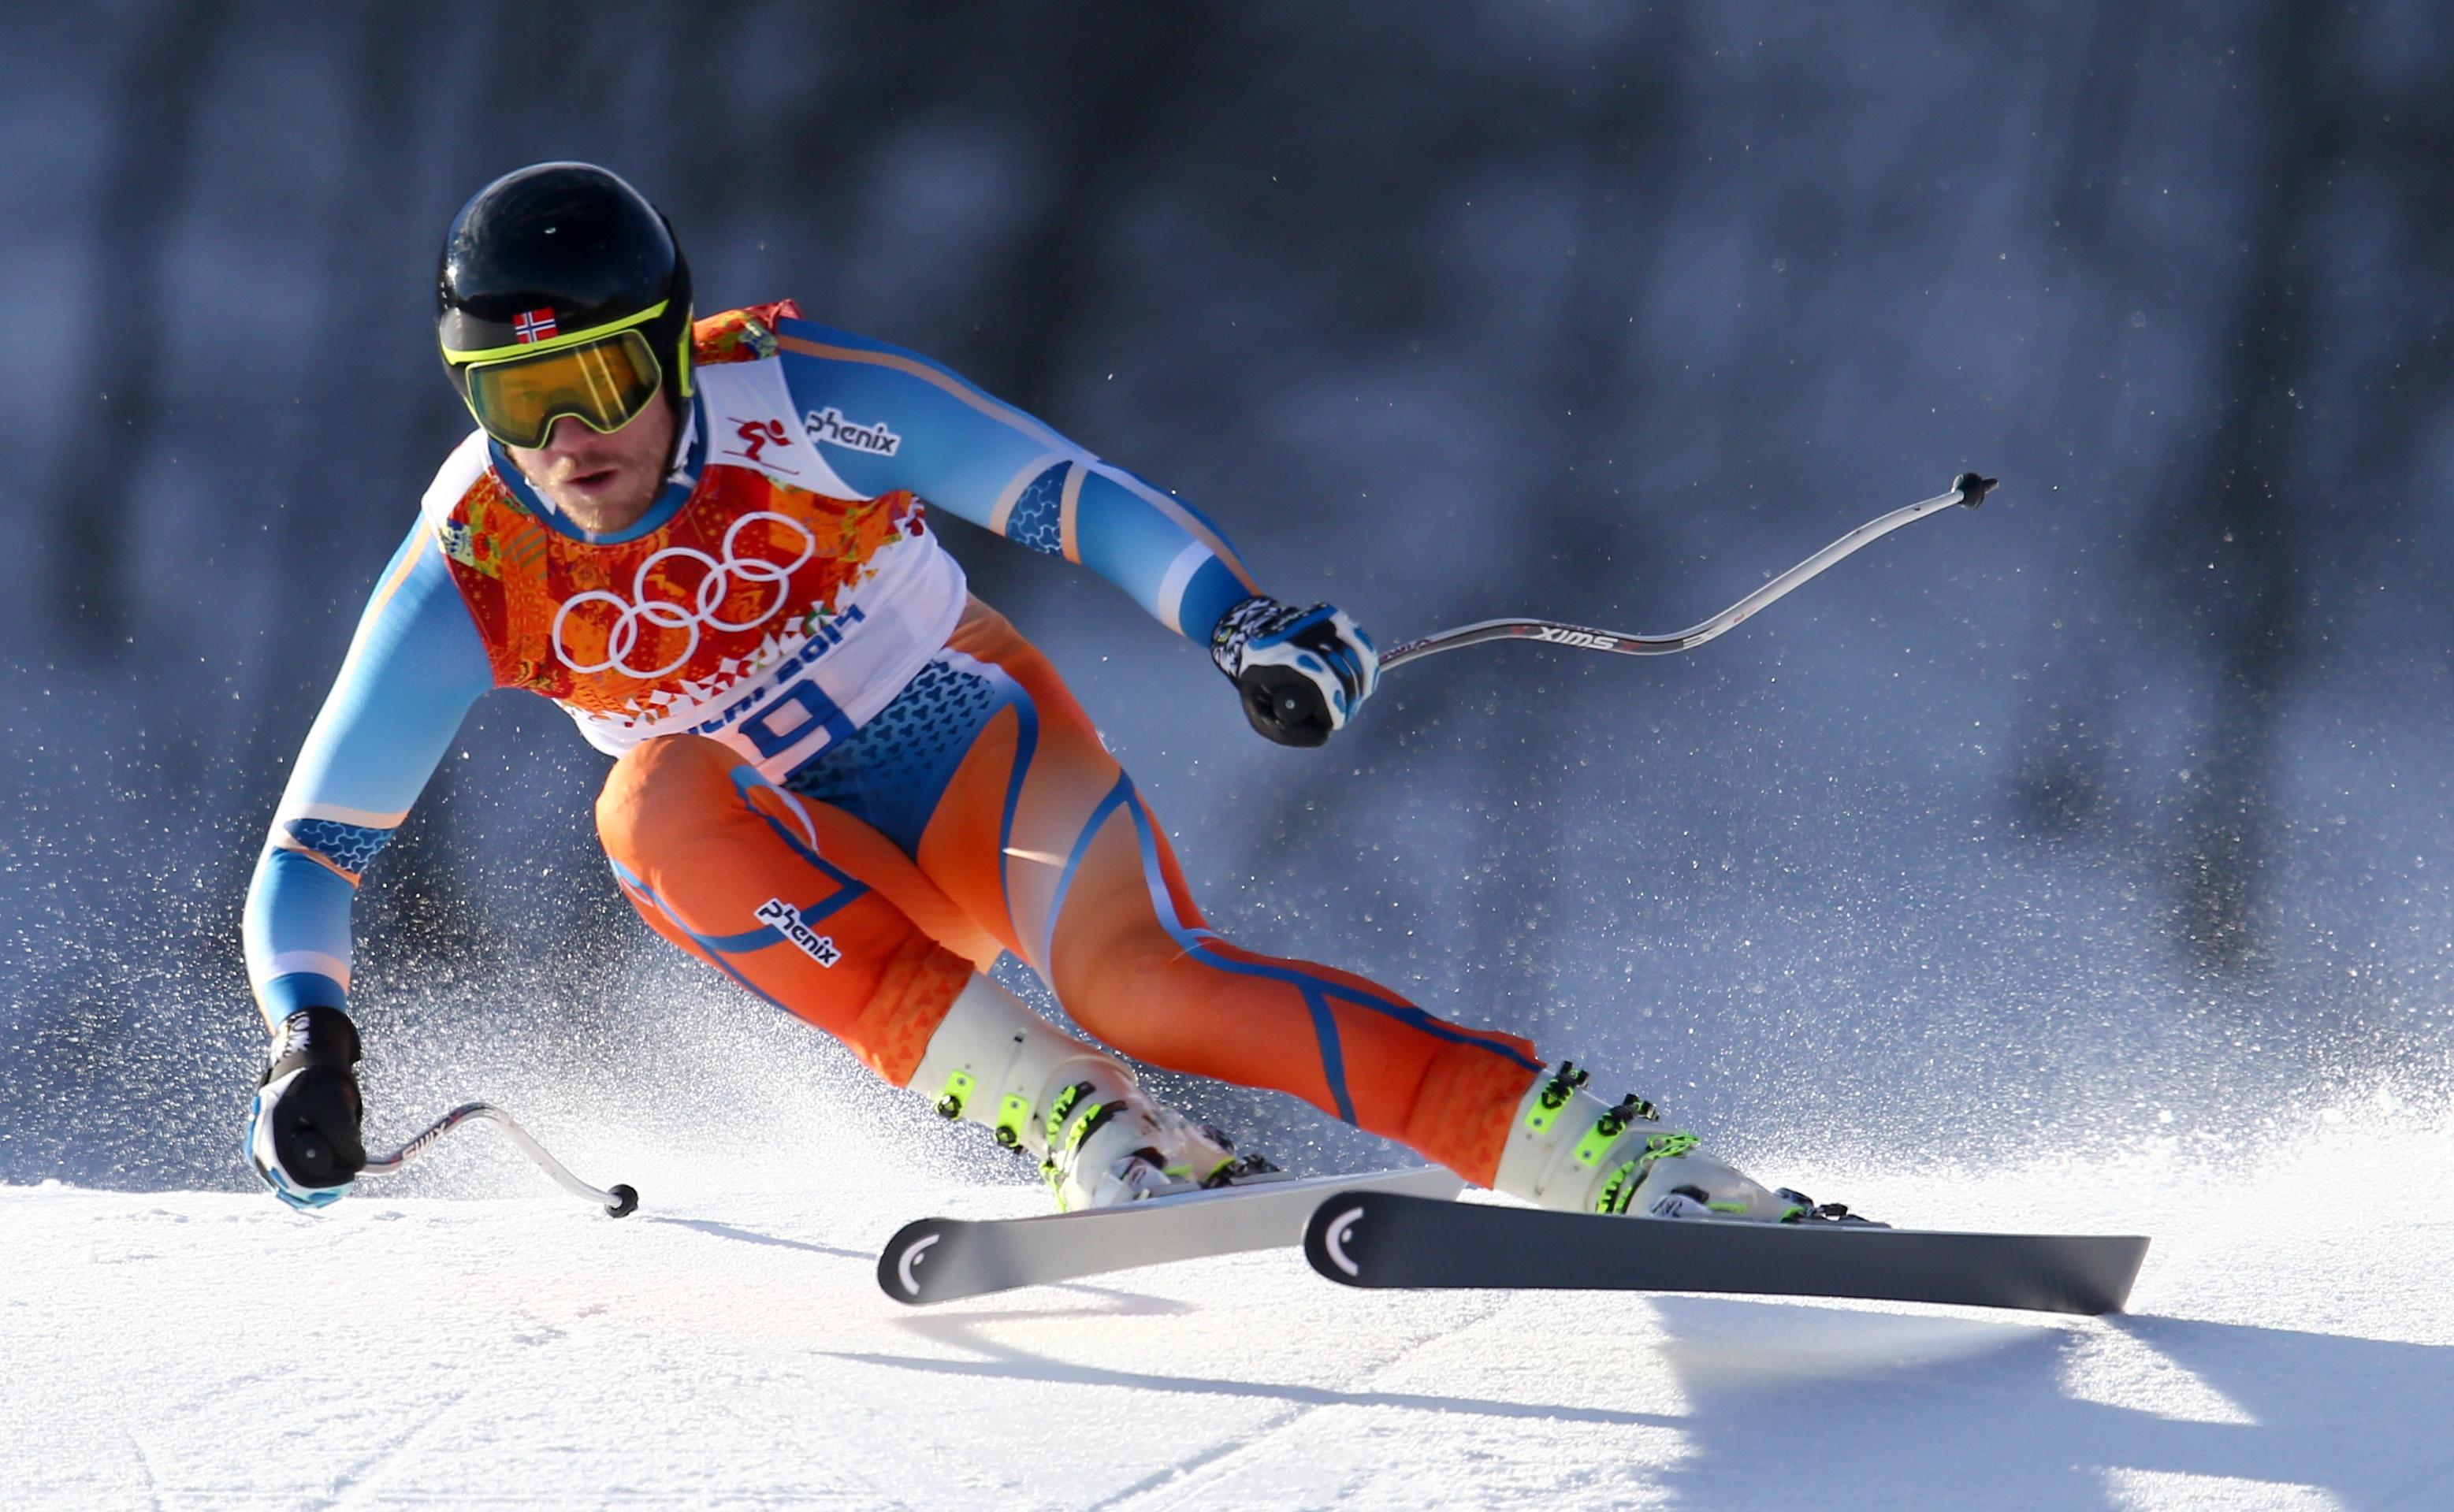 Днем, лыжник в картинках